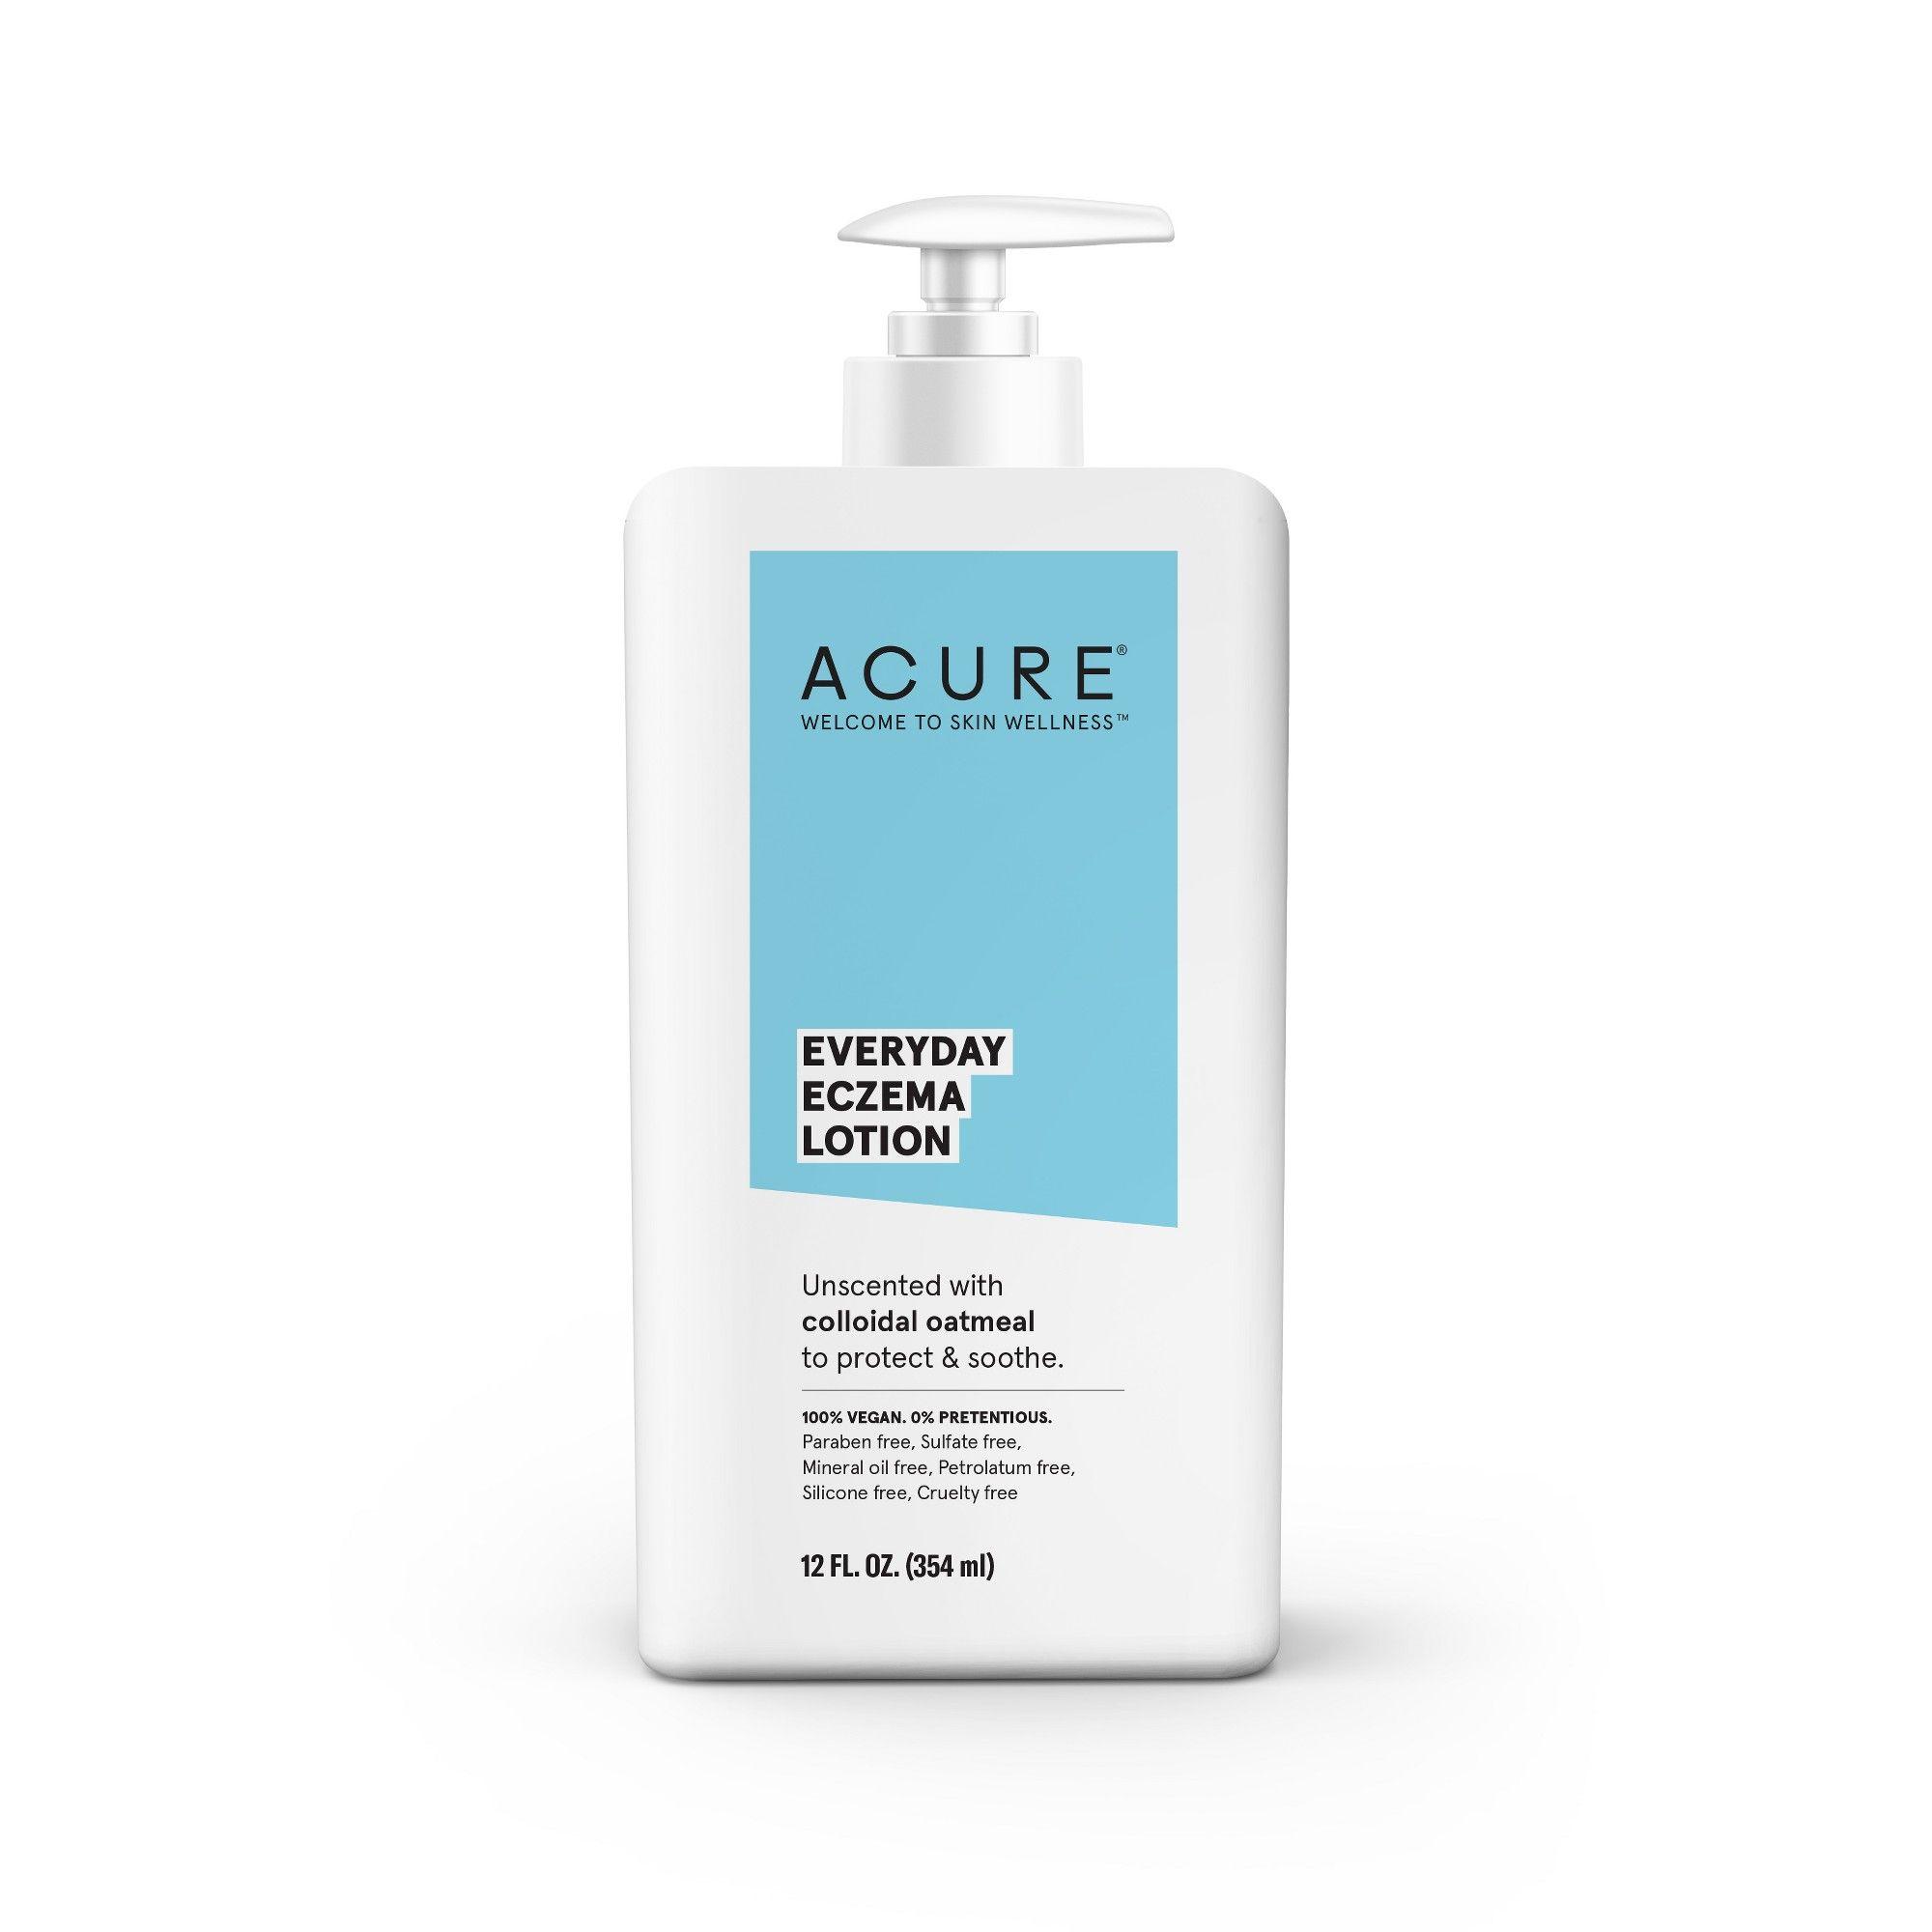 Acure Everyday Eczema Lotion - 12 Fl Oz